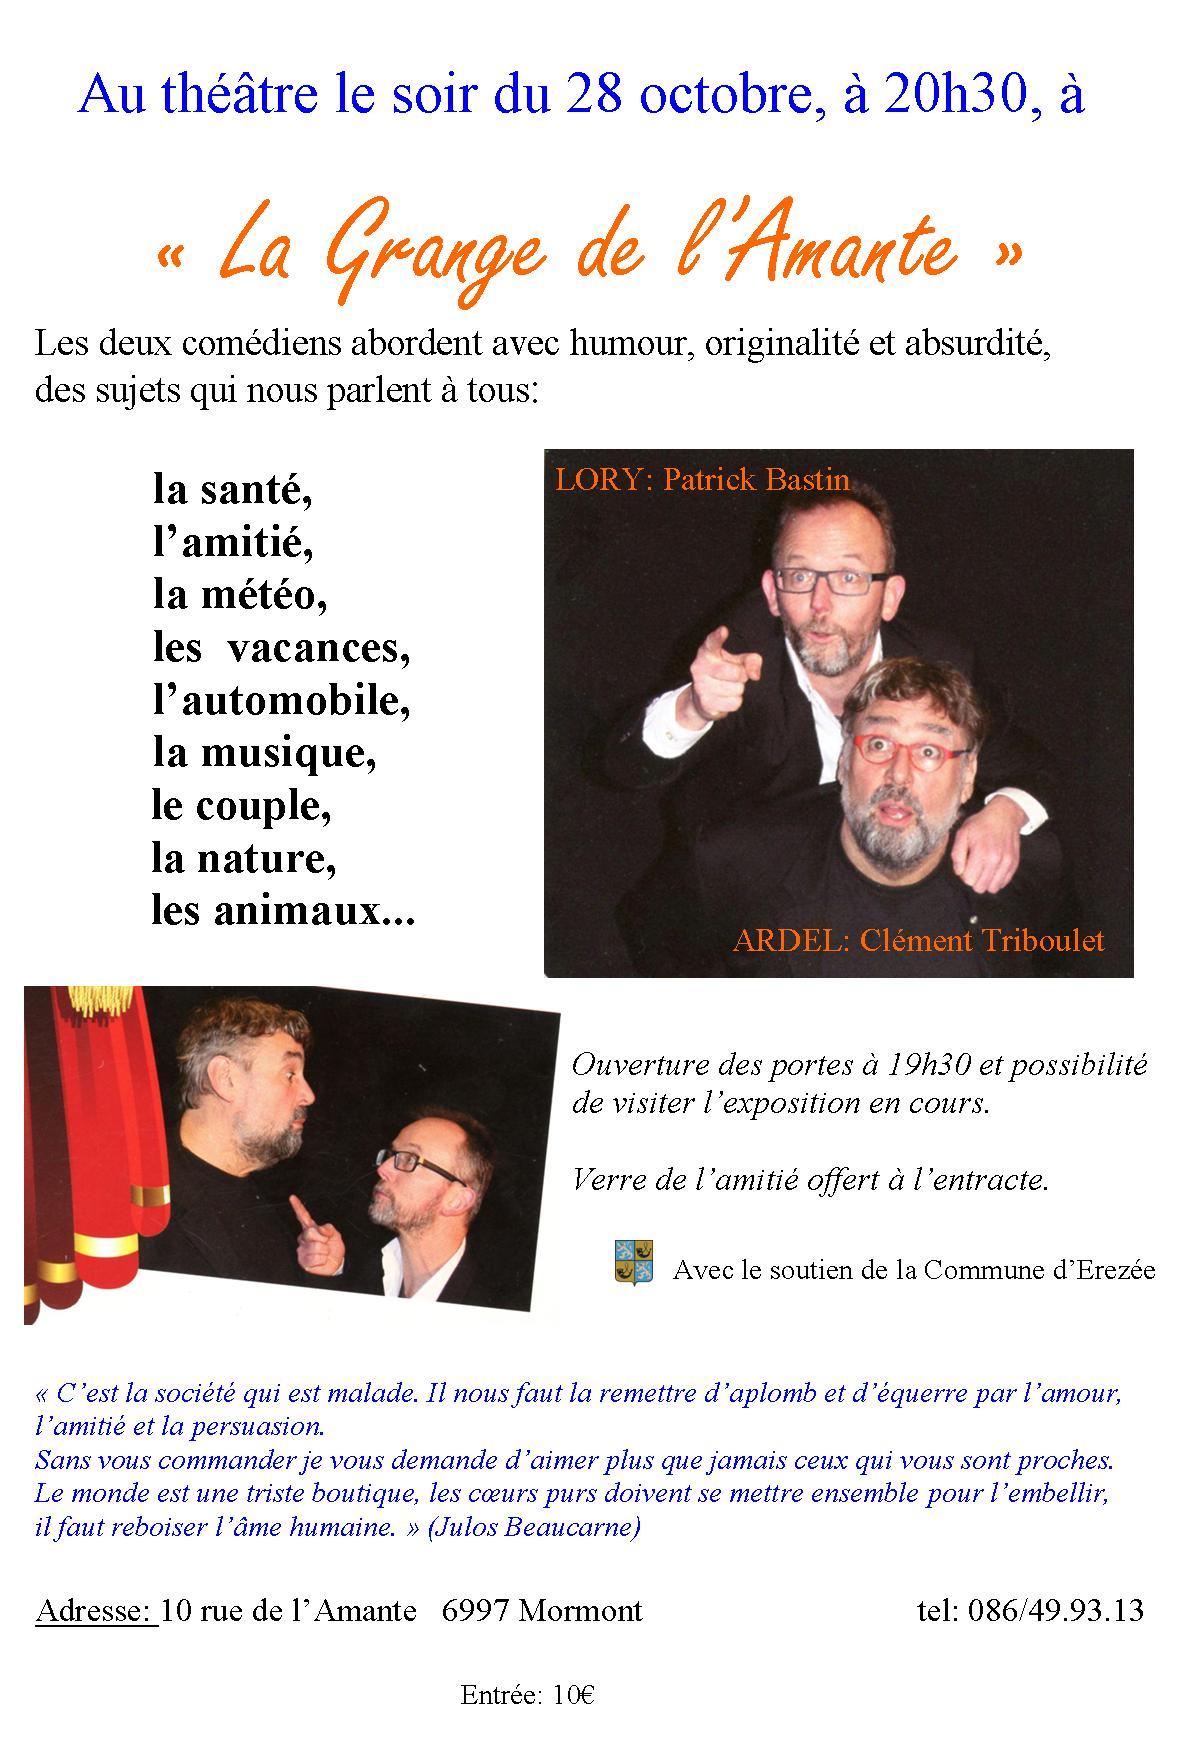 invitationau-theatre-ce-28-octobre-a-20h30